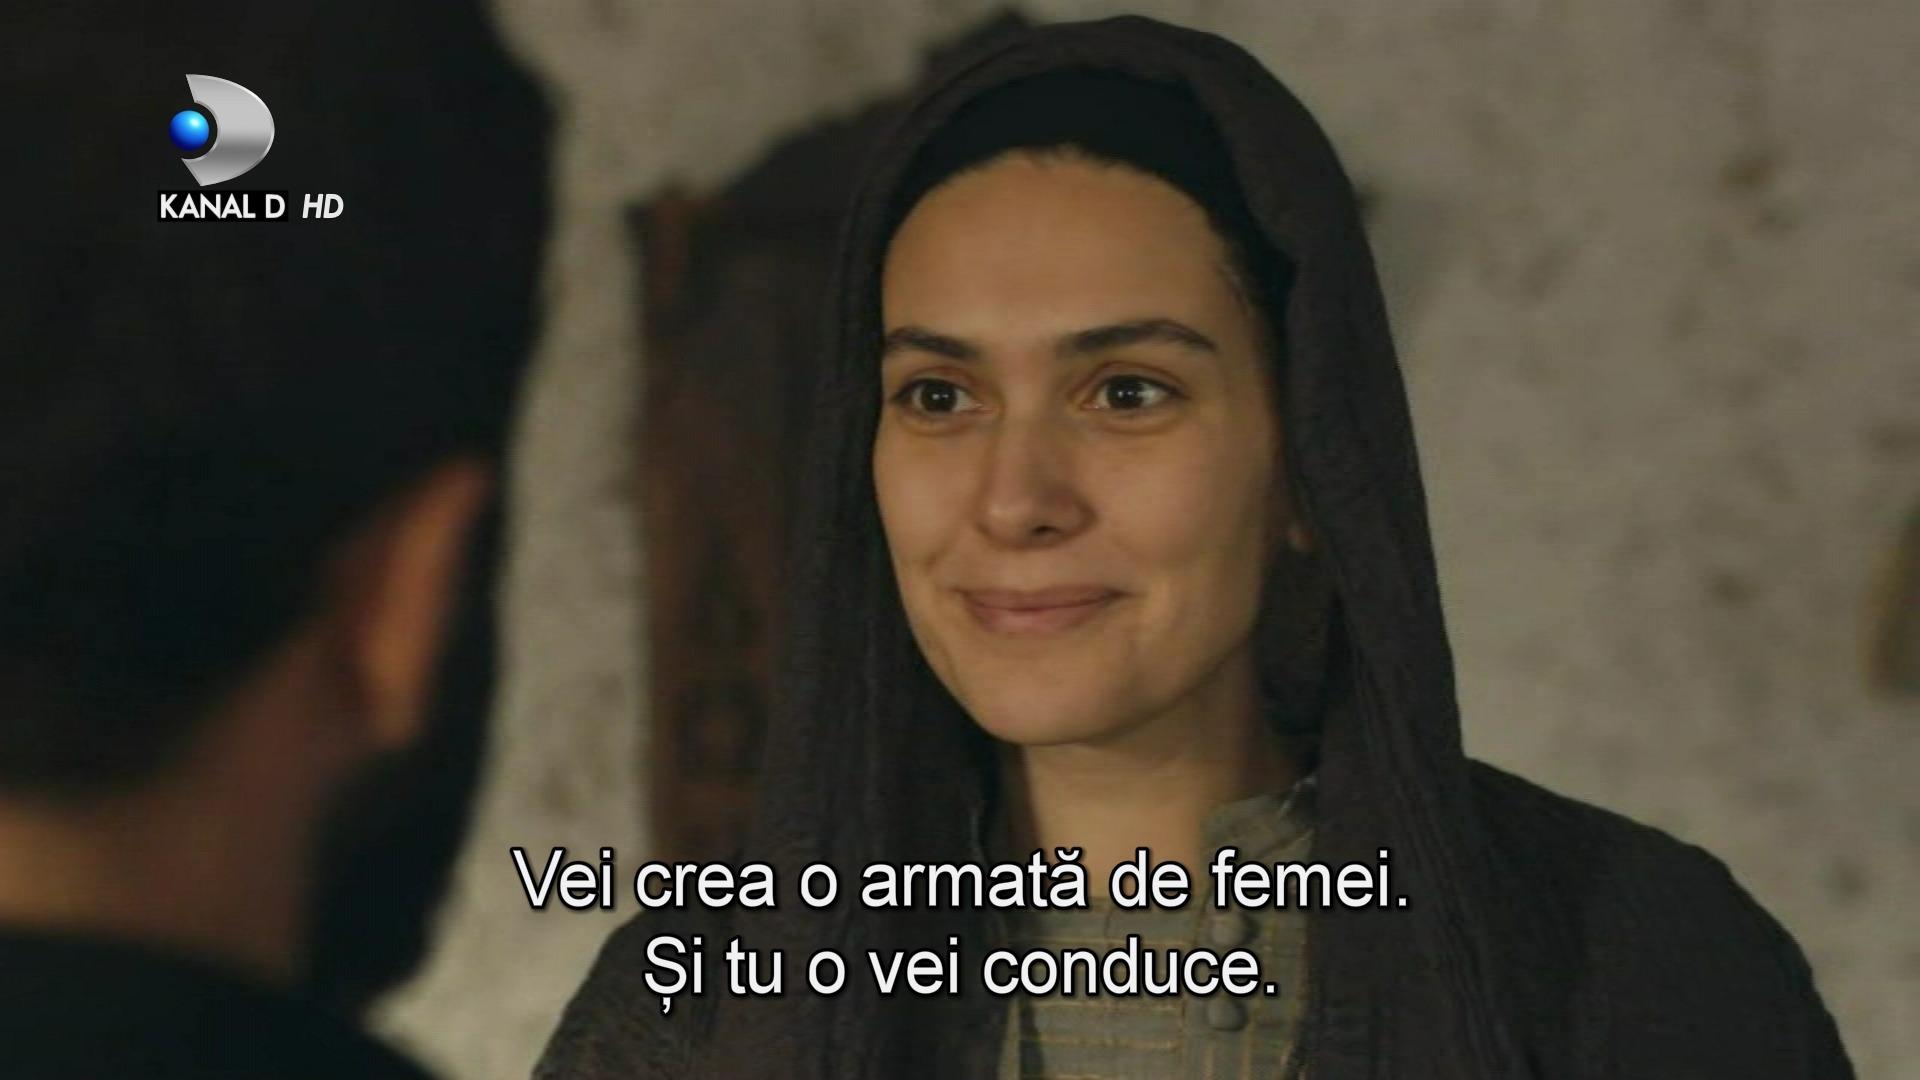 """Azize ia o decizie neasteptata! Va accepta propunerea Caucazianului de a lupta pentru patrie in fruntea armatei de femei? Afla ce se va intampla, ASTAZI, intr-un nou episod din serialul """"Patria mea esti tu"""", de la ora 23:00, la Kanal D!"""